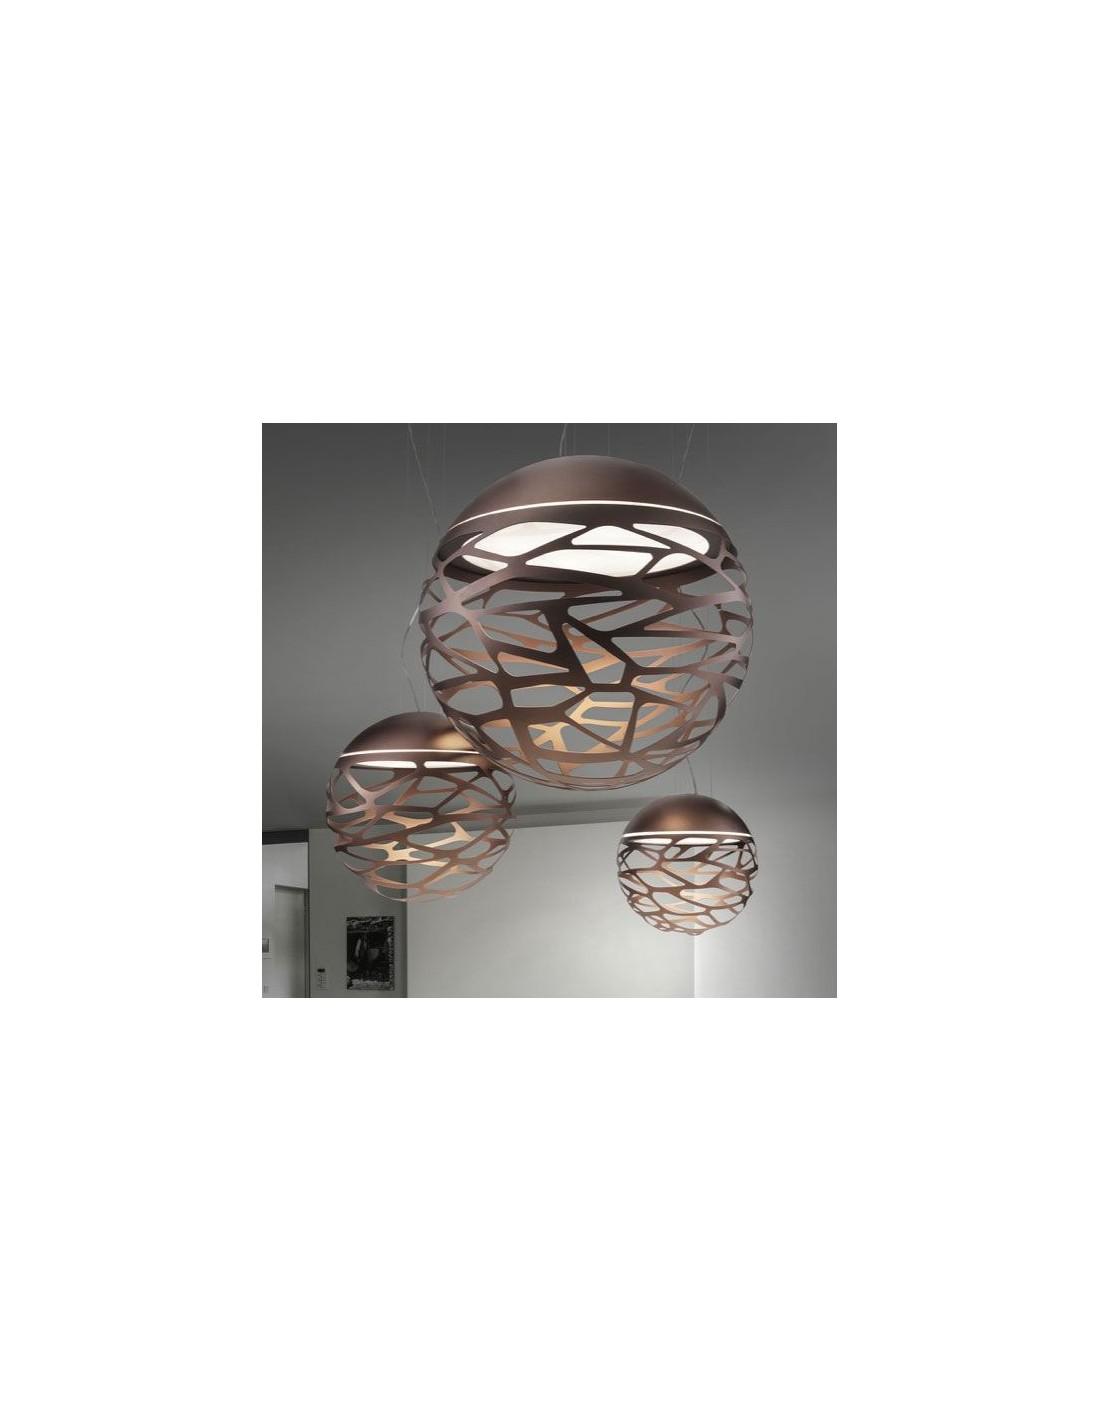 Suspension Kelly Sphère Large (SO4) de Studio Italia Design